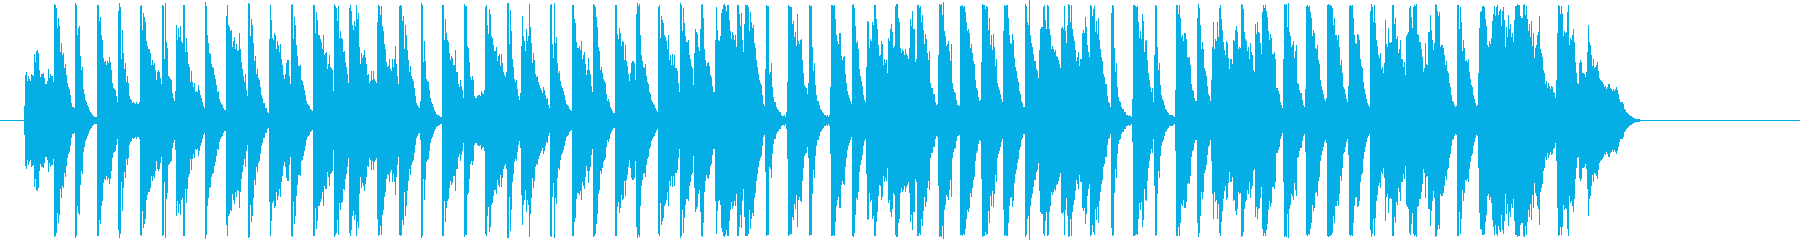 30秒ユーチューバー動画に コーラス入りの再生済みの波形